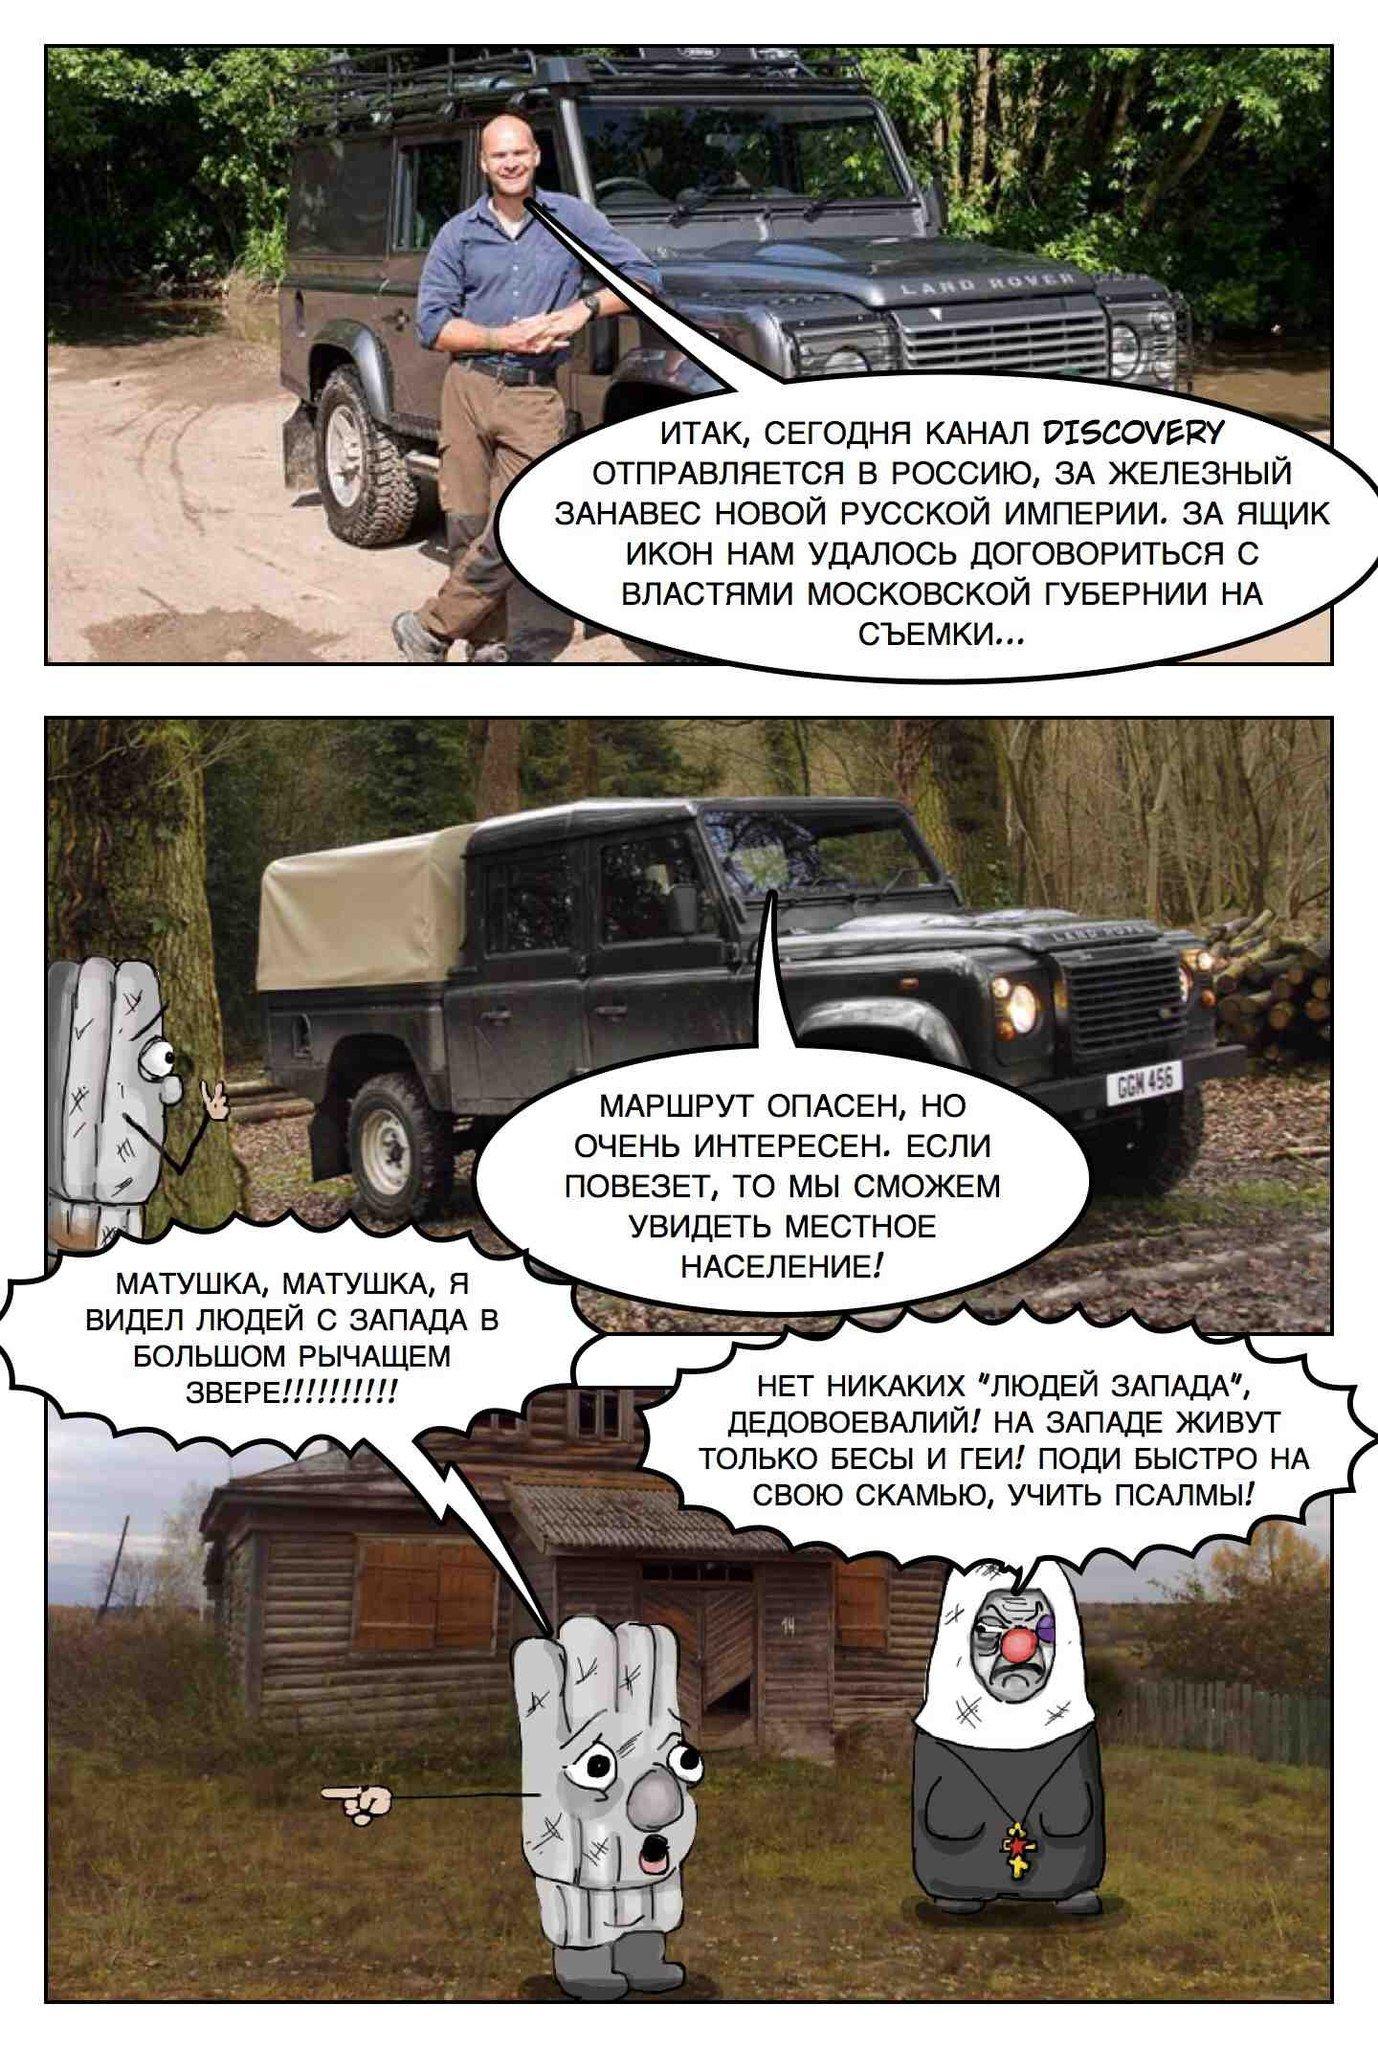 Кремль готовит 9 мая ряд провокаций в Украине, - Парубий - Цензор.НЕТ 9389